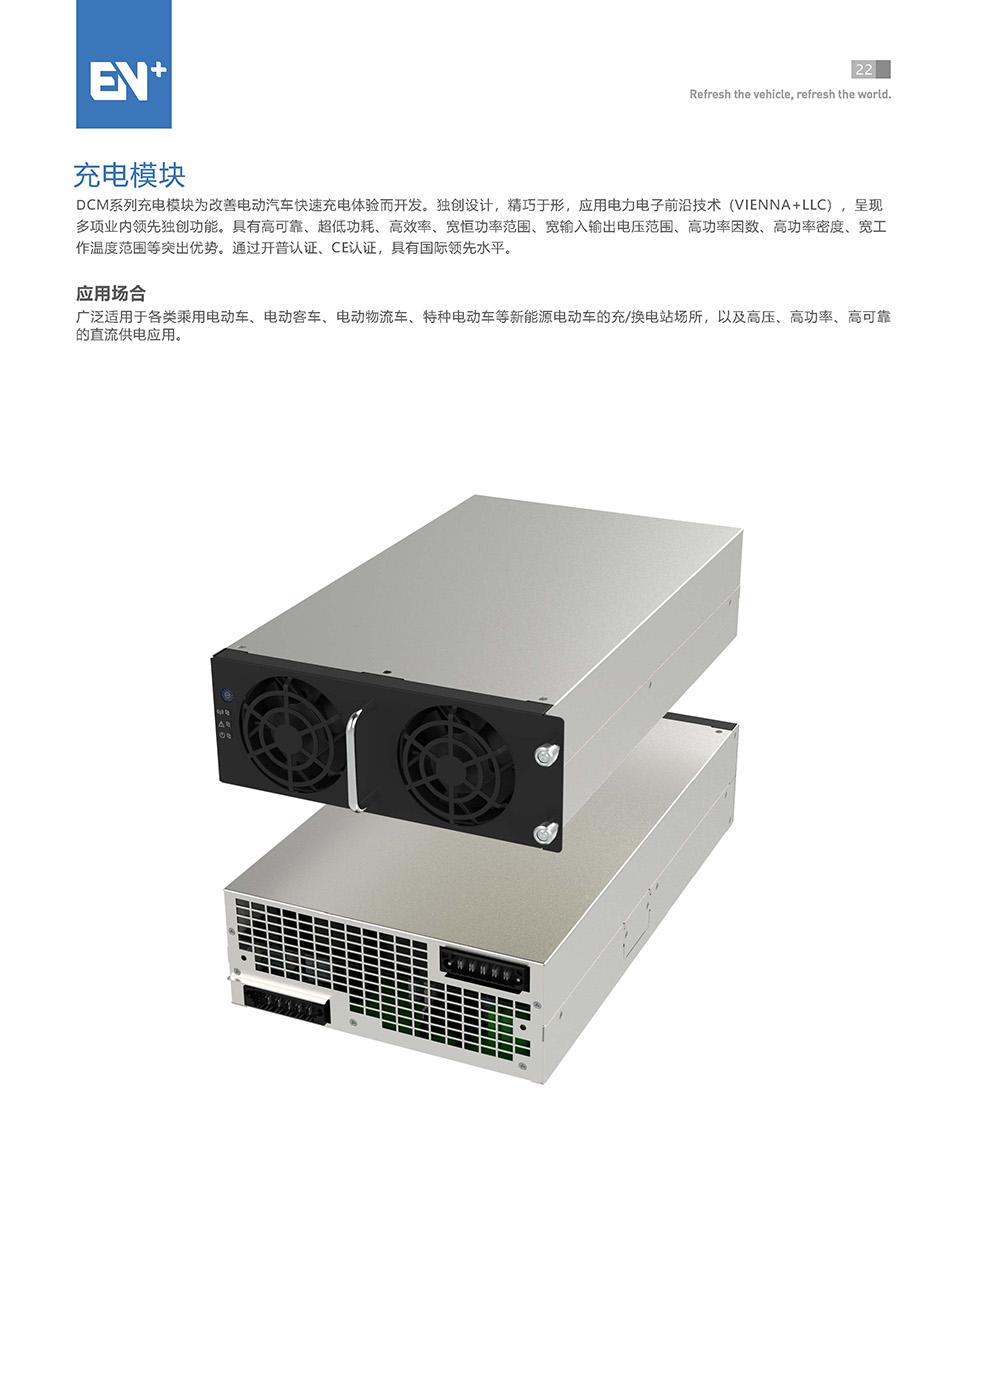 EN+驿普乐氏 电动汽车充电桩 20KW充电模块 电源模块 功率模块114419605